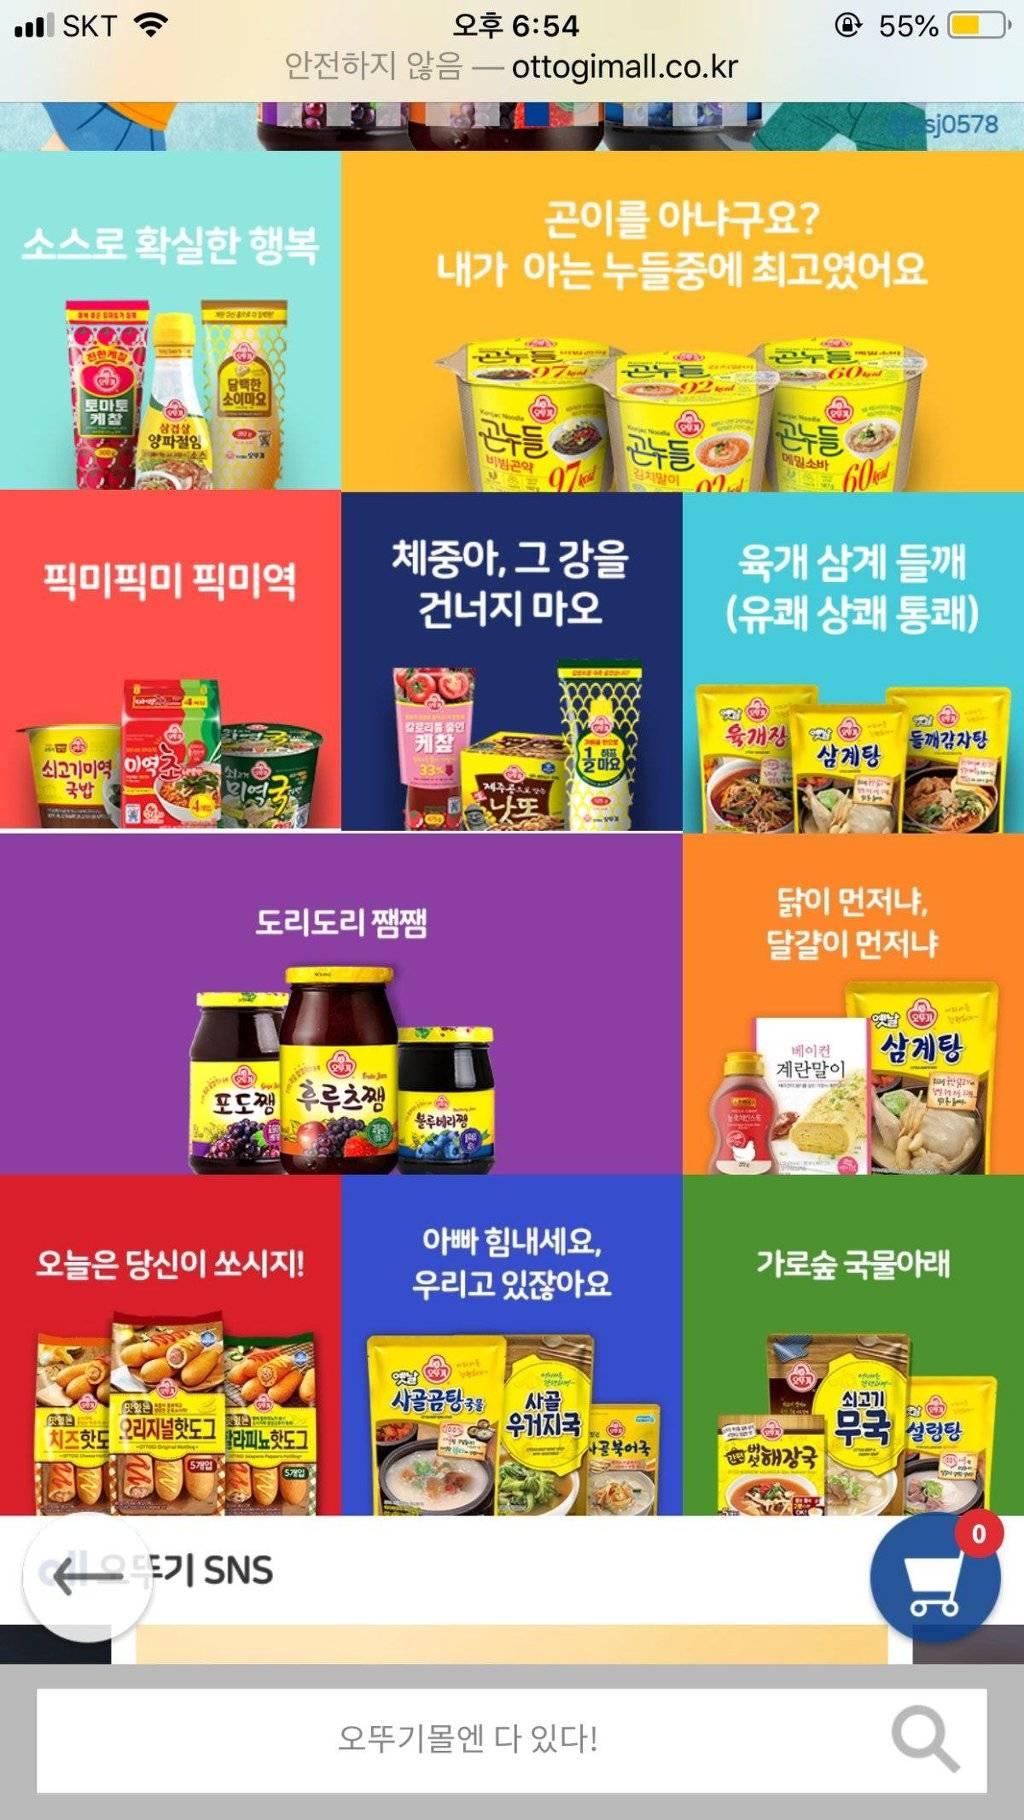 홍보 마케팅 인력이 절실한 오뚜기 | 인스티즈